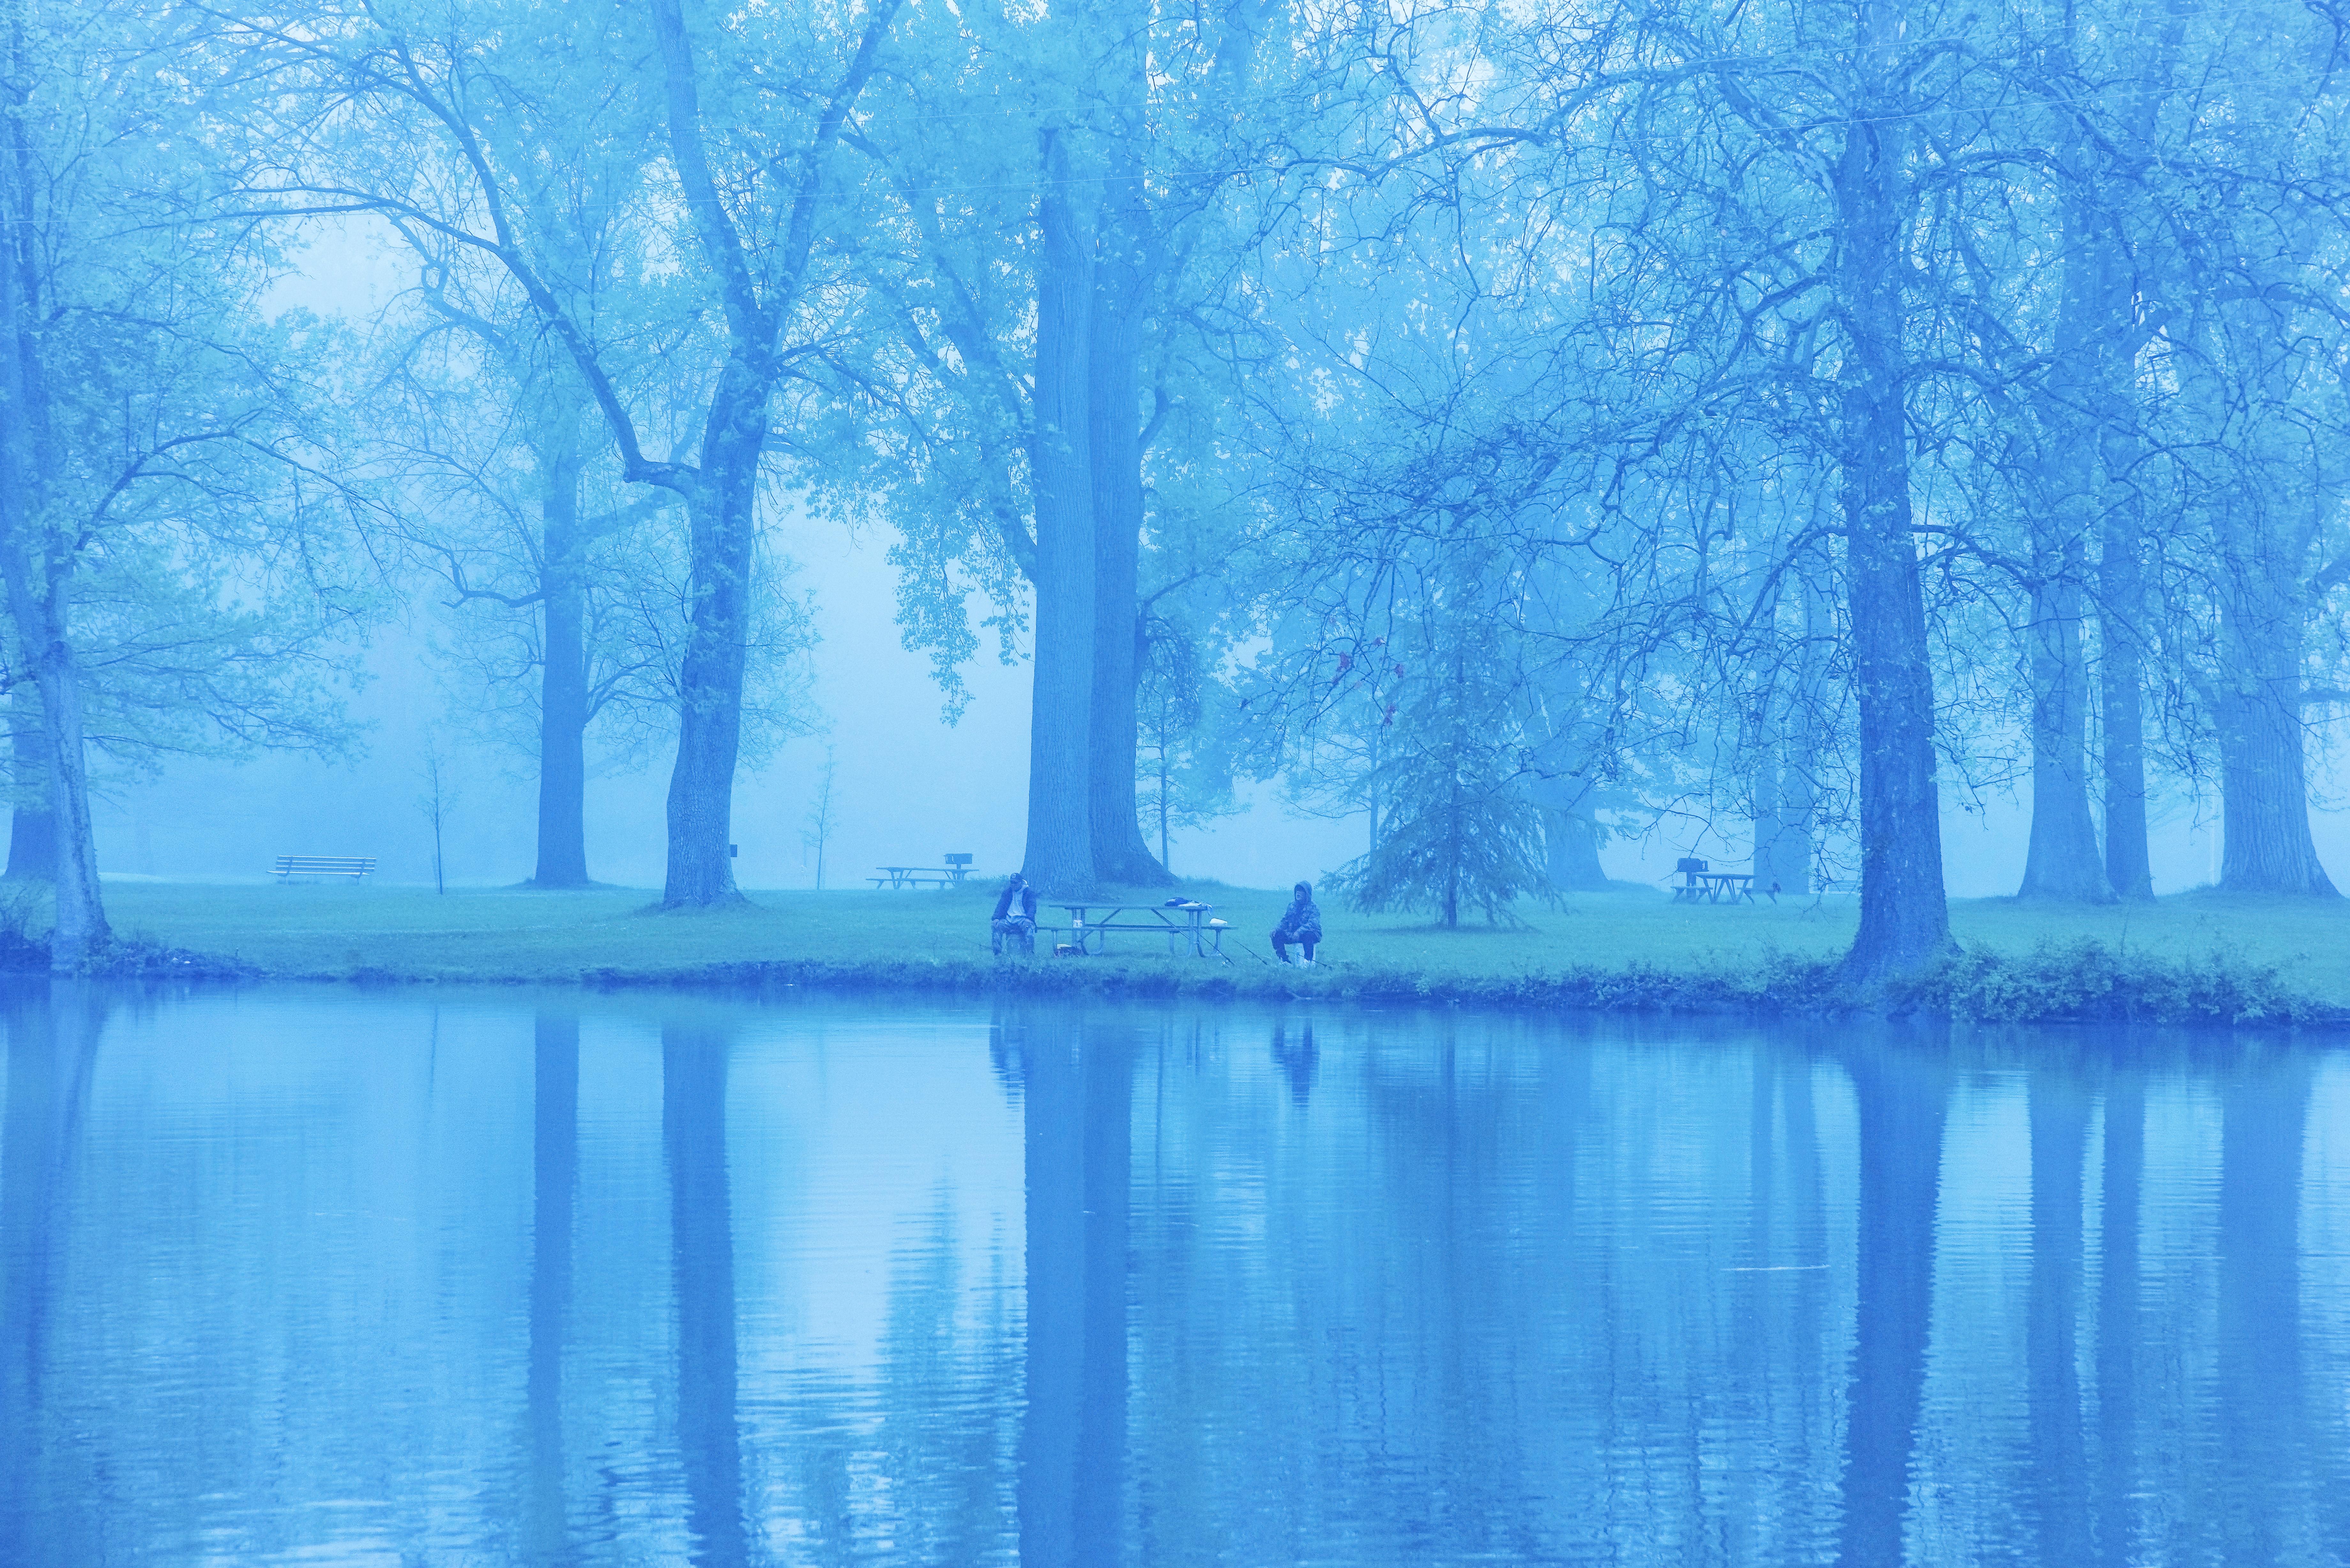 Stewart Park Lagoon in the Mist